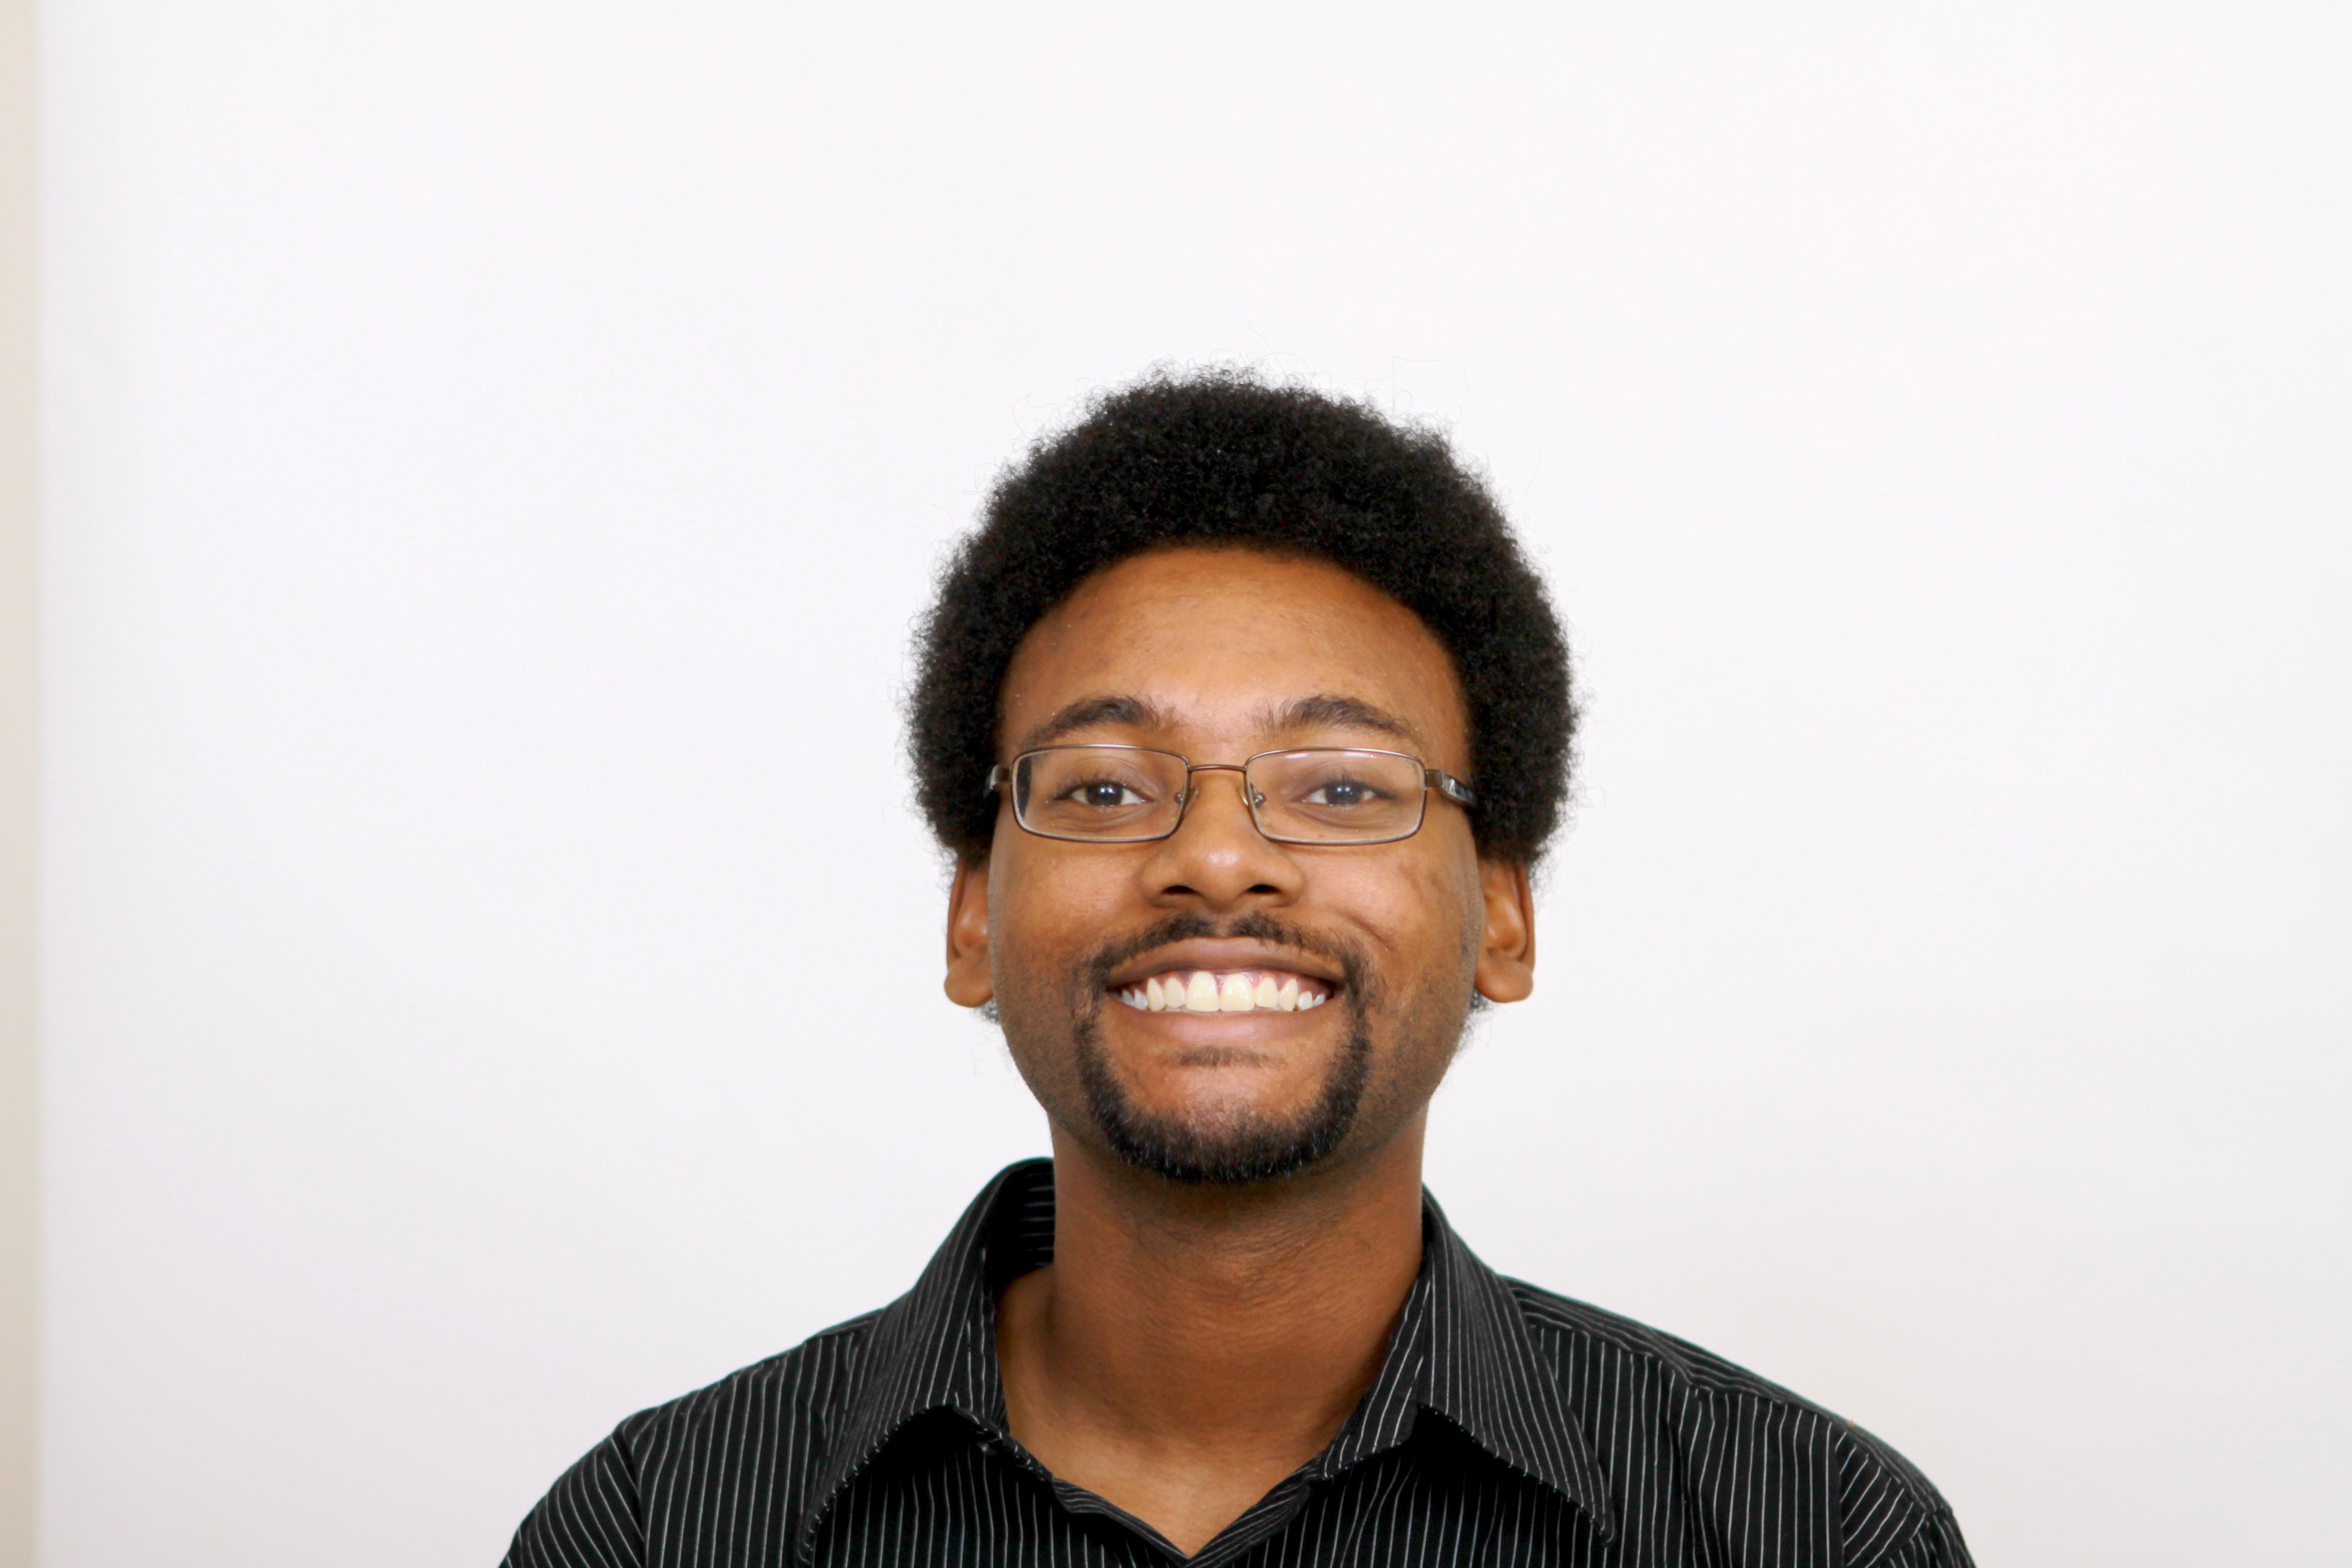 Derrick Sebree, PsyD II